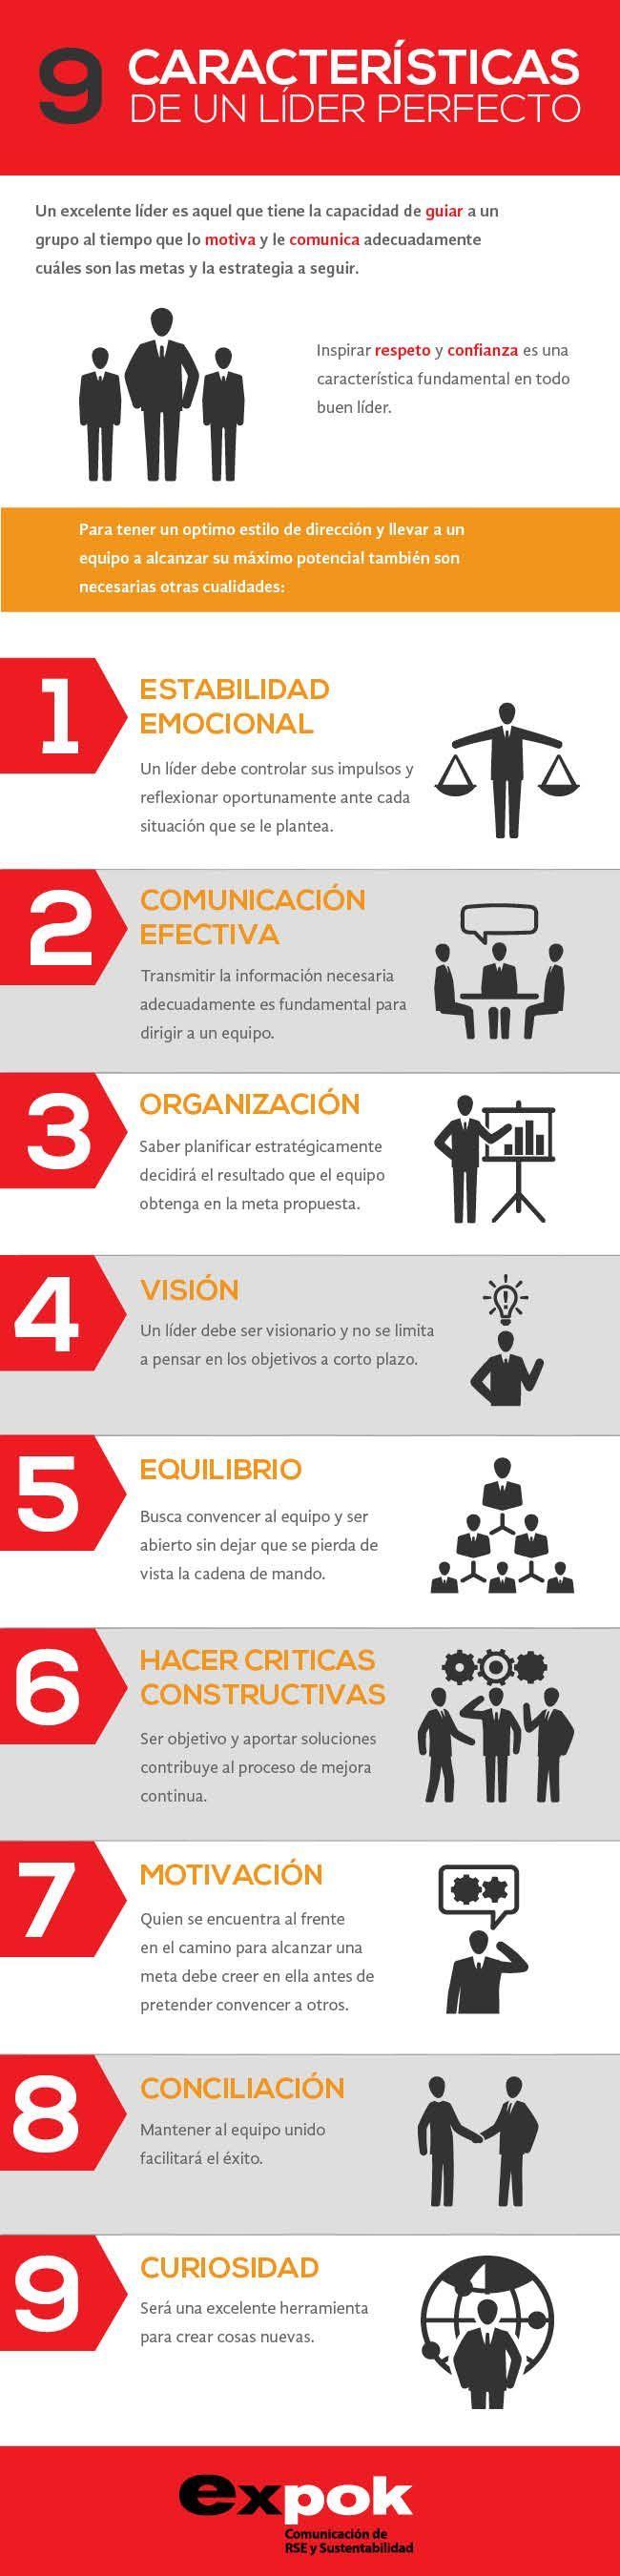 9 Características de un líder perfecto #liderazgo #estudiantes #umayor